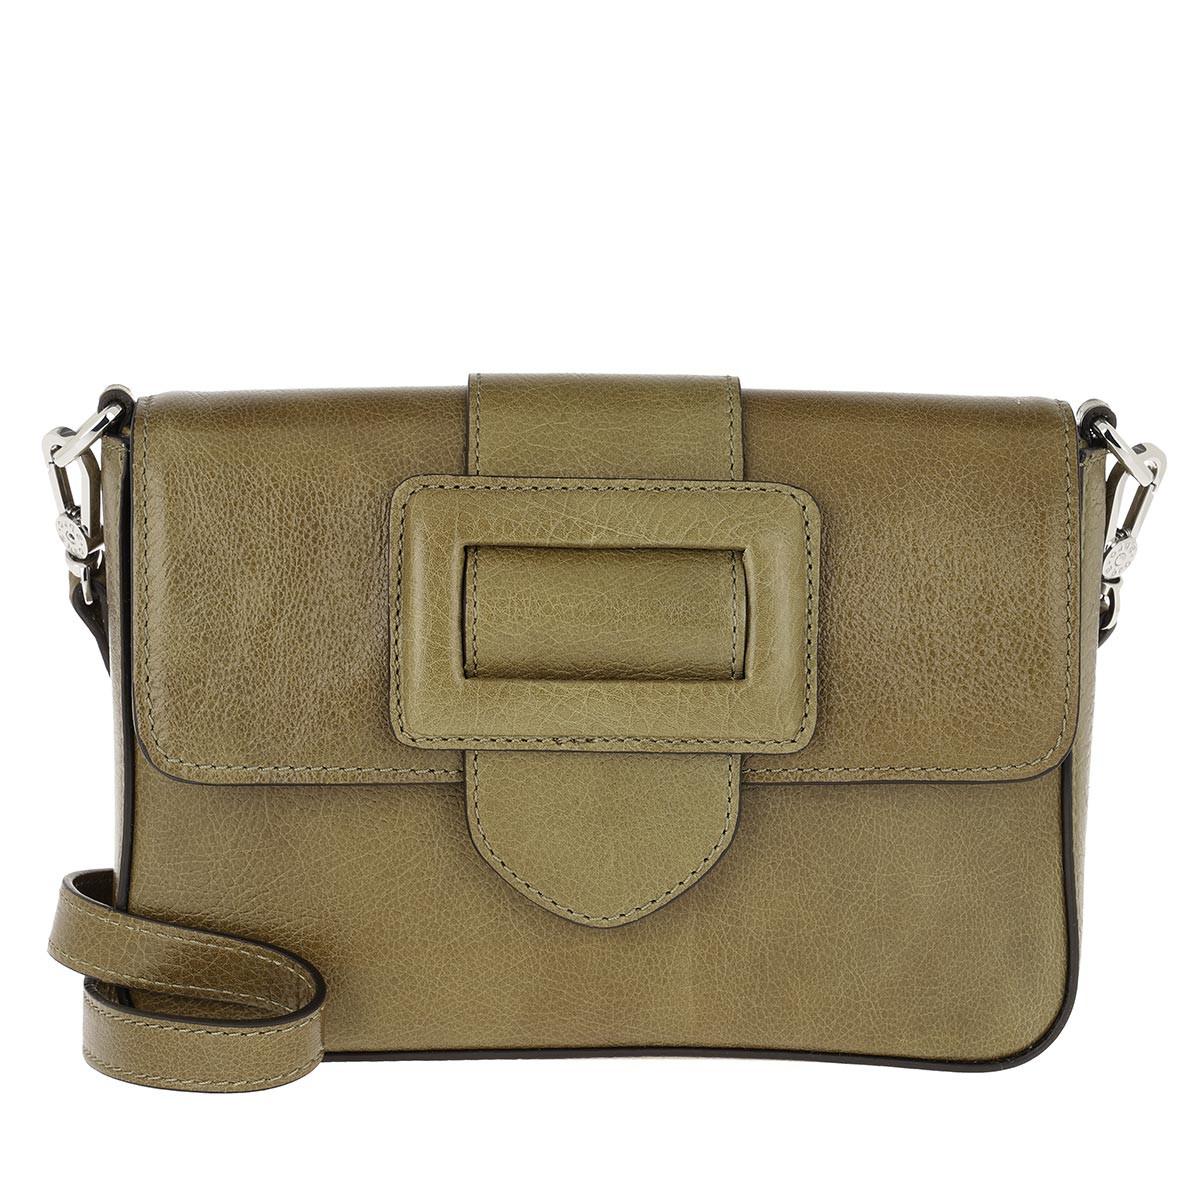 Abro Umhängetasche - Mini Cross Body Bag Oliv - in grün - für Damen